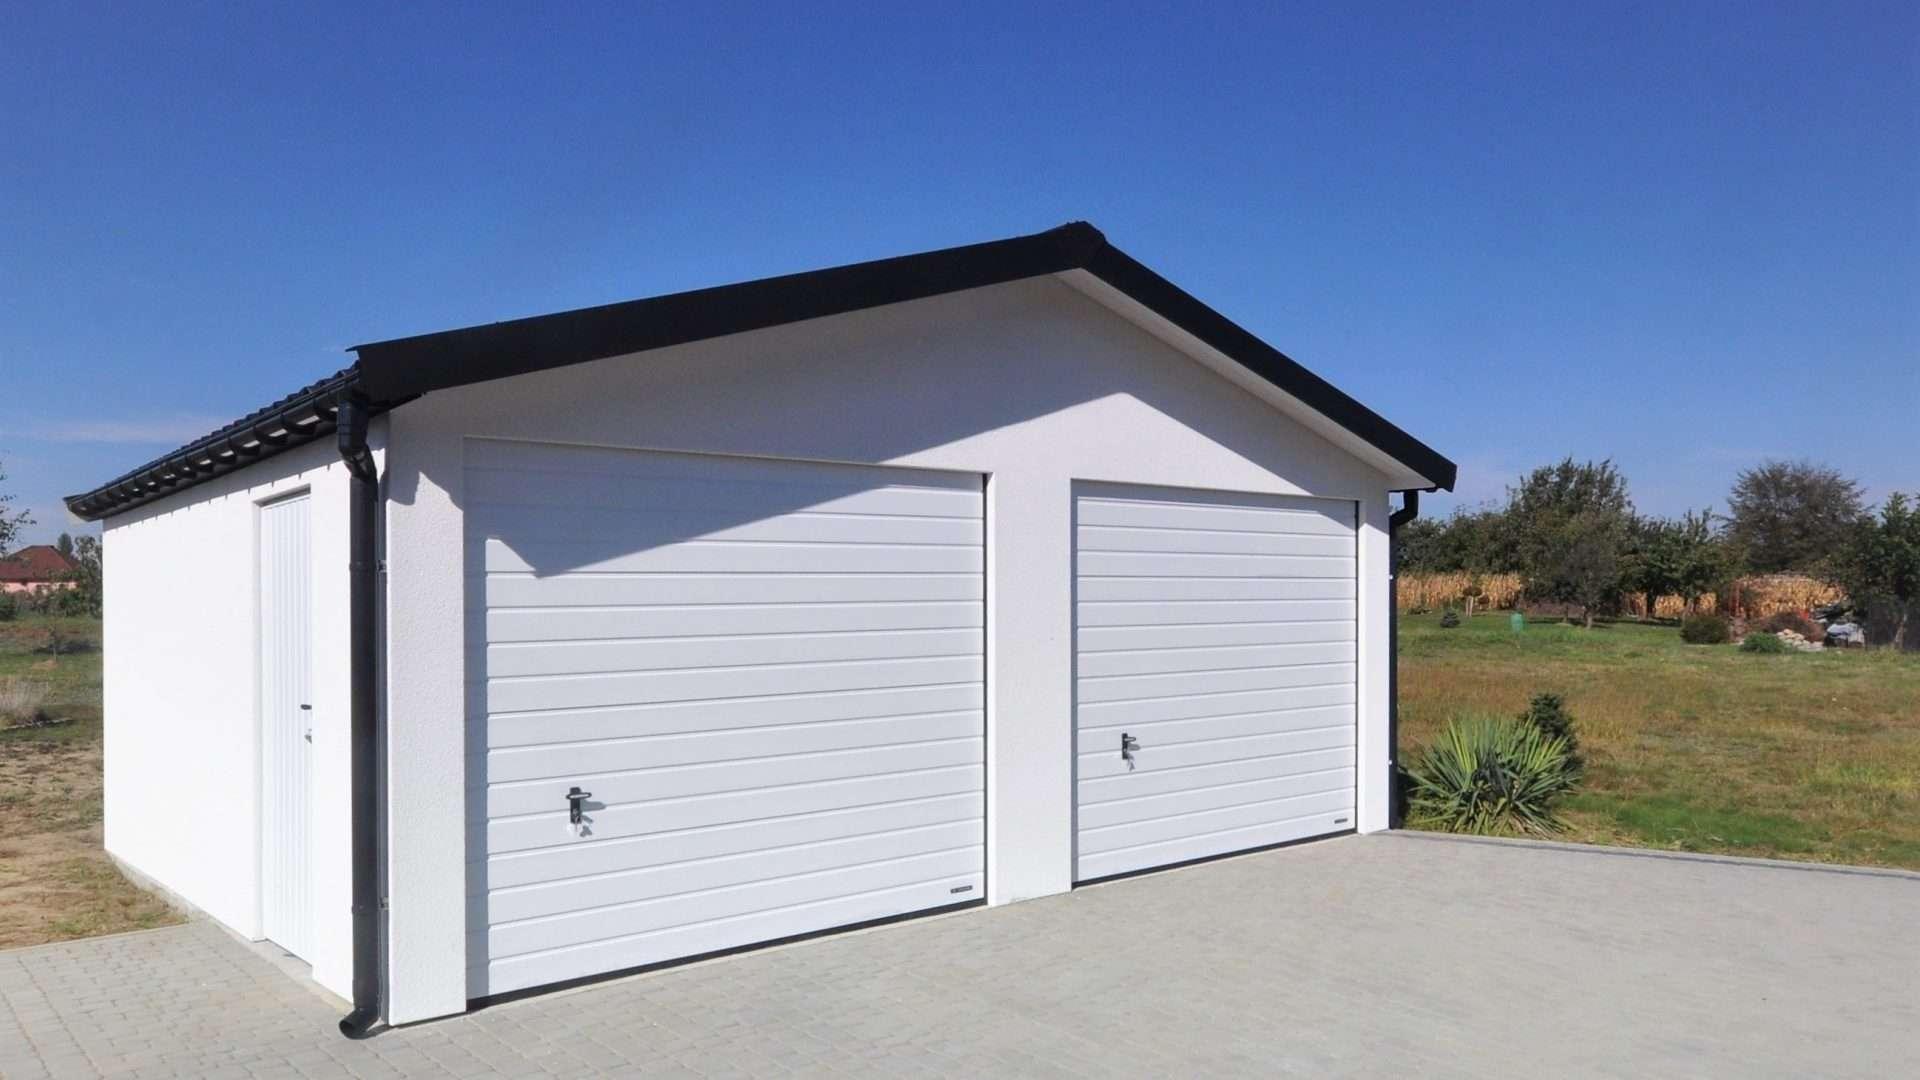 Garaż ocieplany Duo-Classic, 2 samochody, wymiary 6,0 x 6,7 m